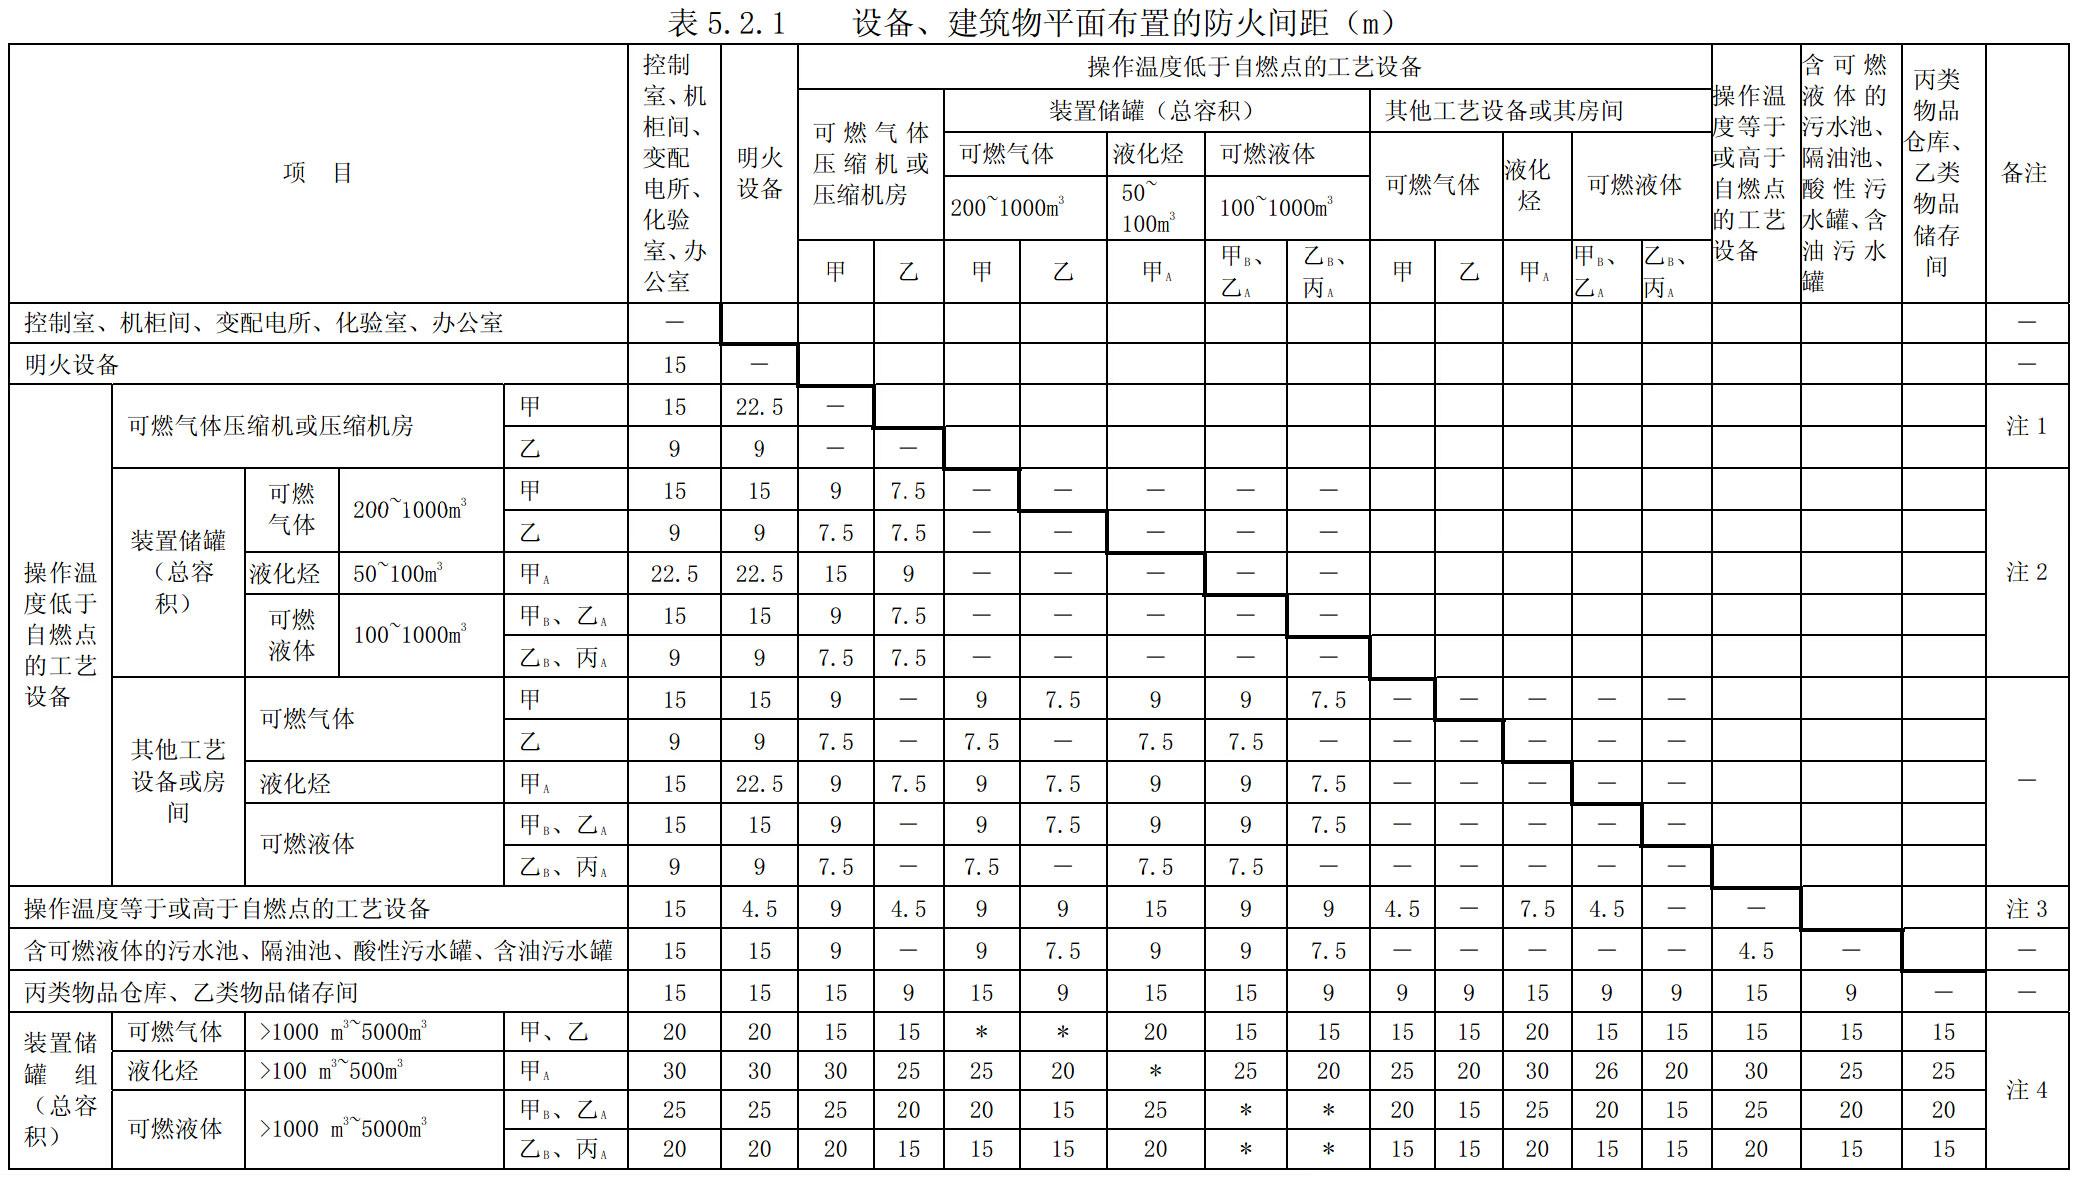 设备、建筑物平面布置的防火间距(m)